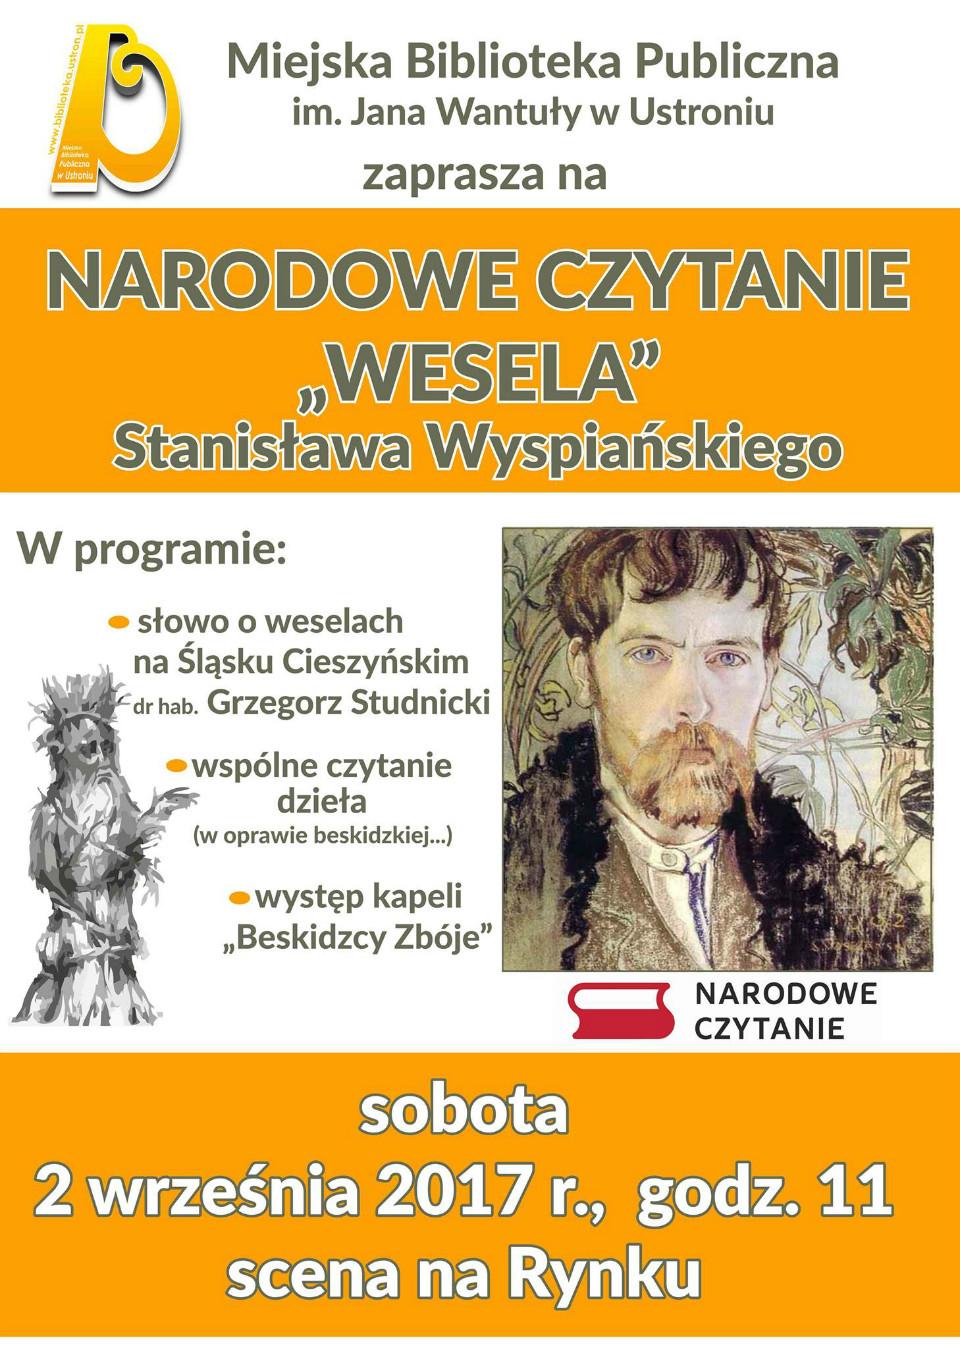 Narodowe Czytanie 2 września 11.00 Rynek w Ustroniu